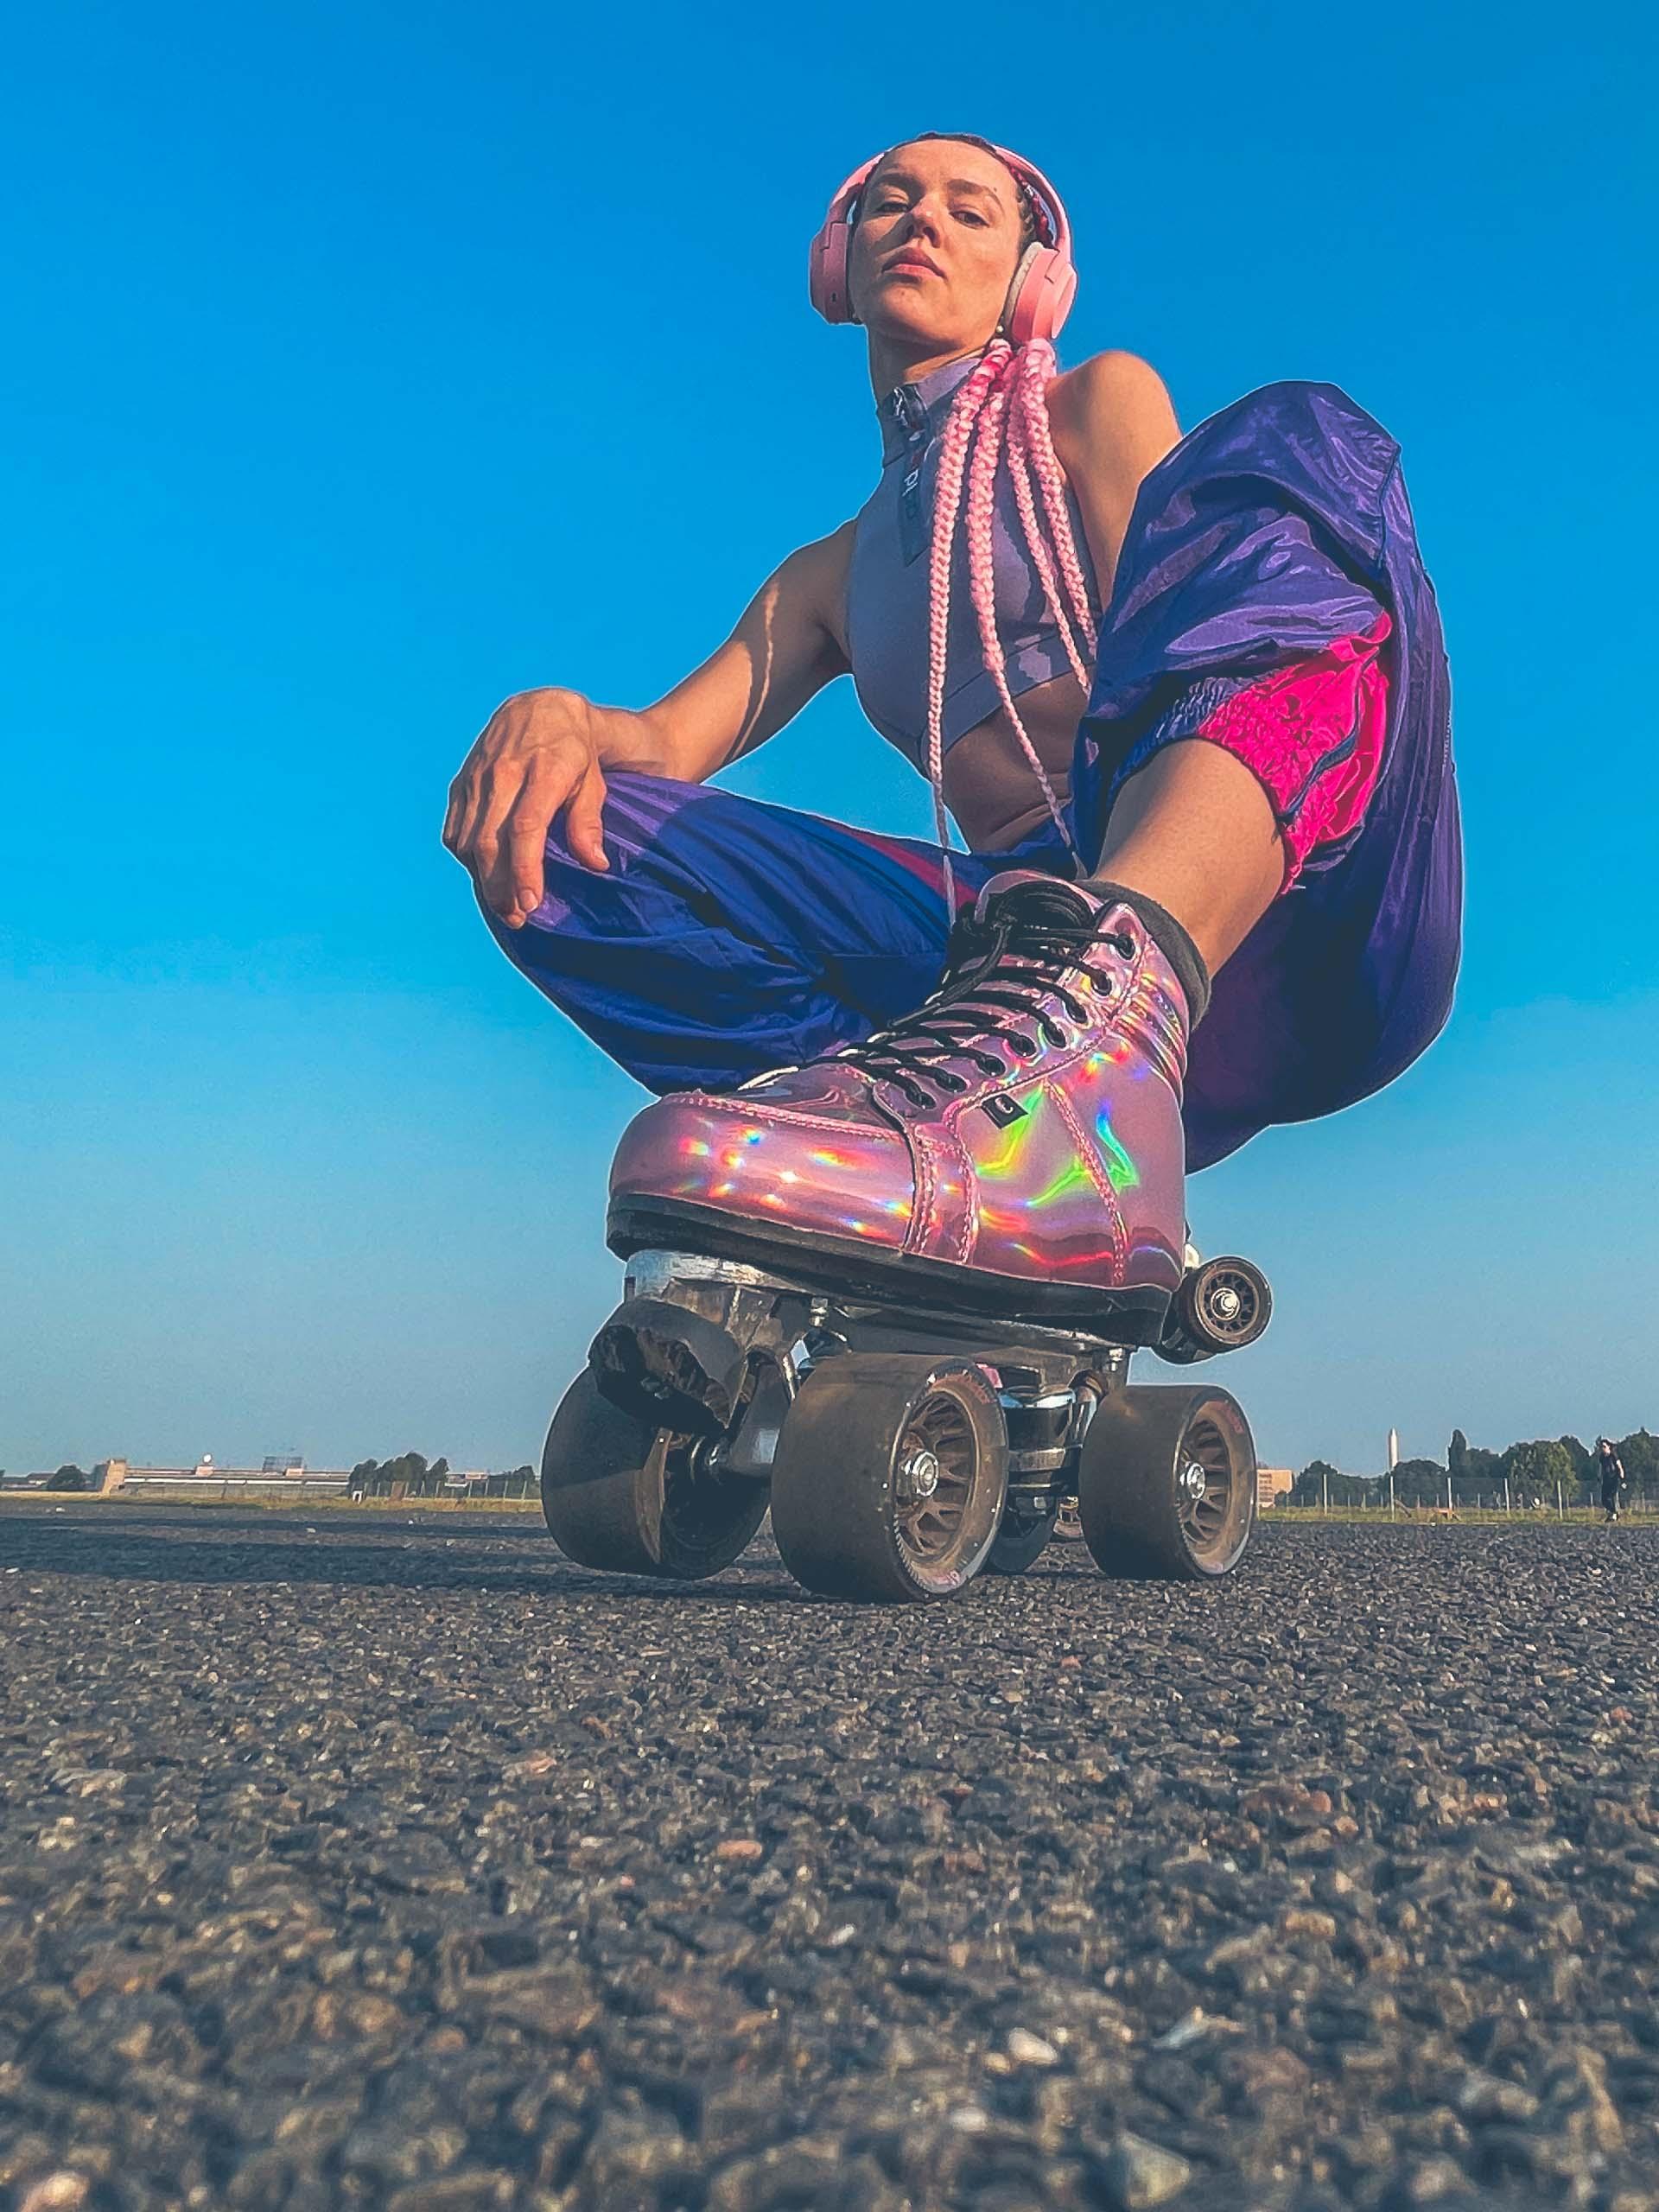 Chaya Skates - Razer Opus X (pink) - Nastya Rollerskates